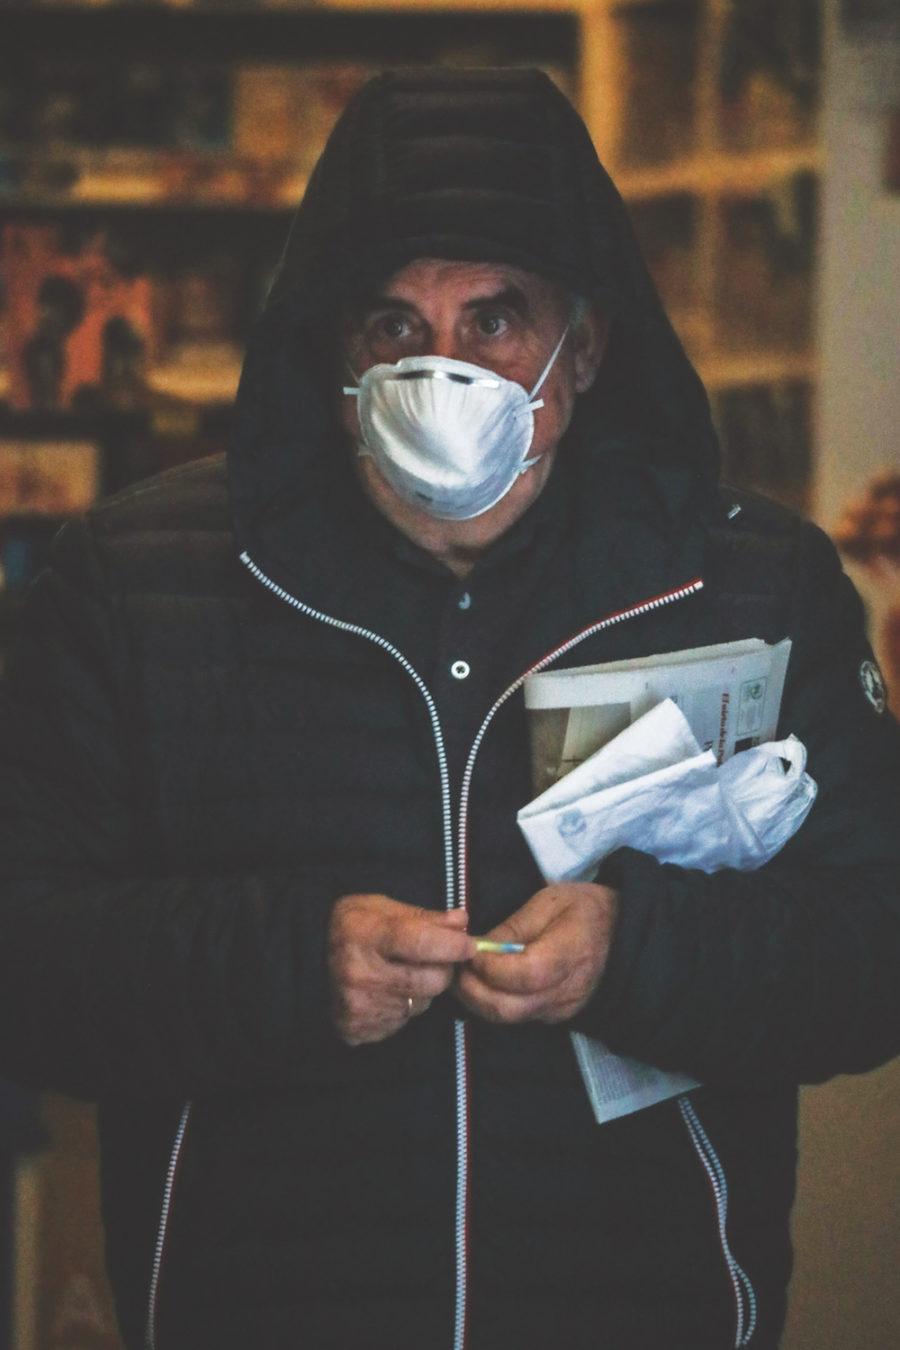 Koronabirusaren kutsadura saihesteko gomendatu duten neurrietako bat da maskara erabiltzea. (Argazkia: Joseba Parron)